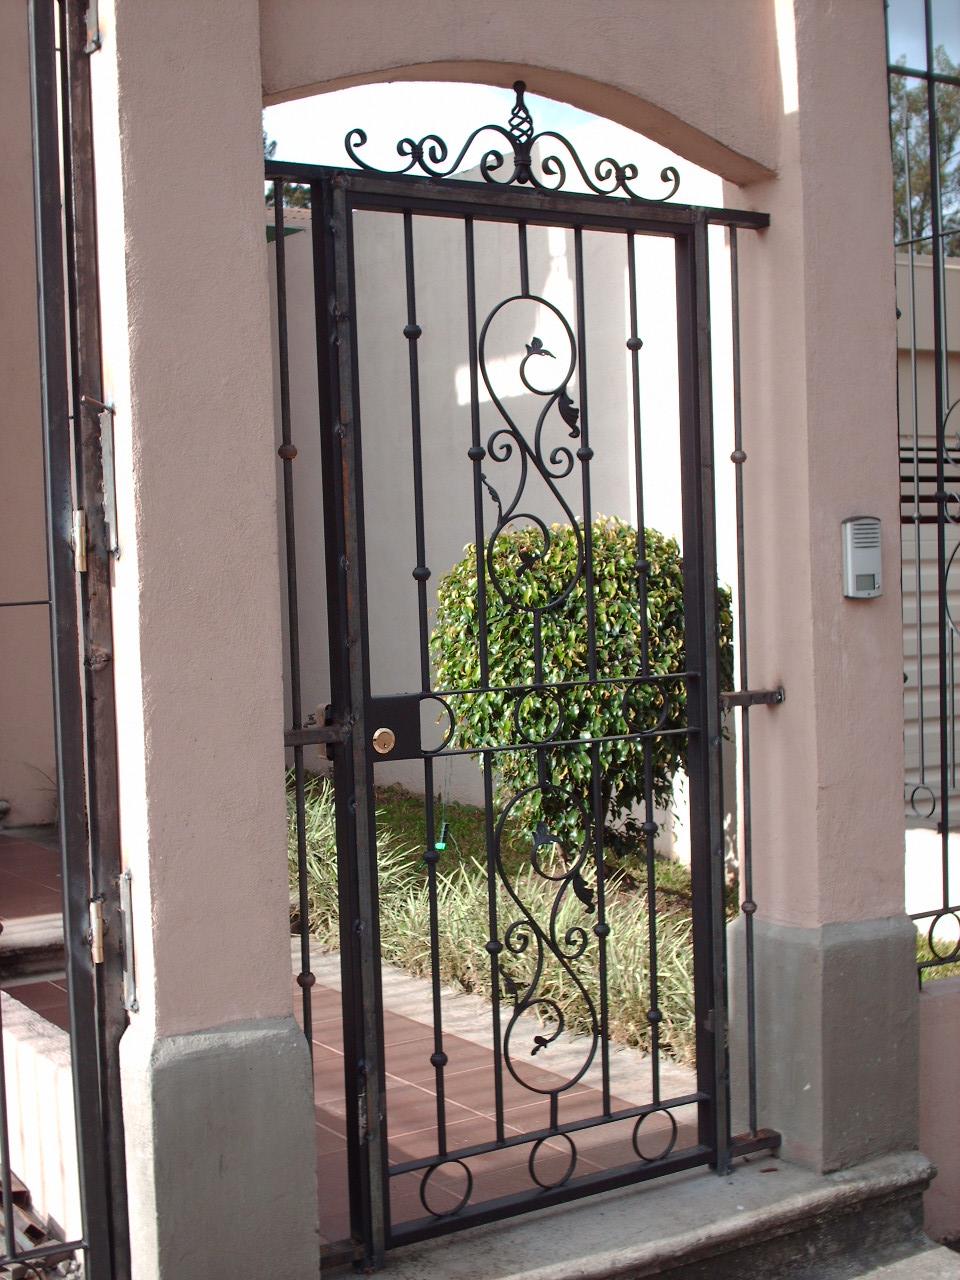 Portones rejas hierro forjado casas genuardis portal - Rejas de hierro forjado ...